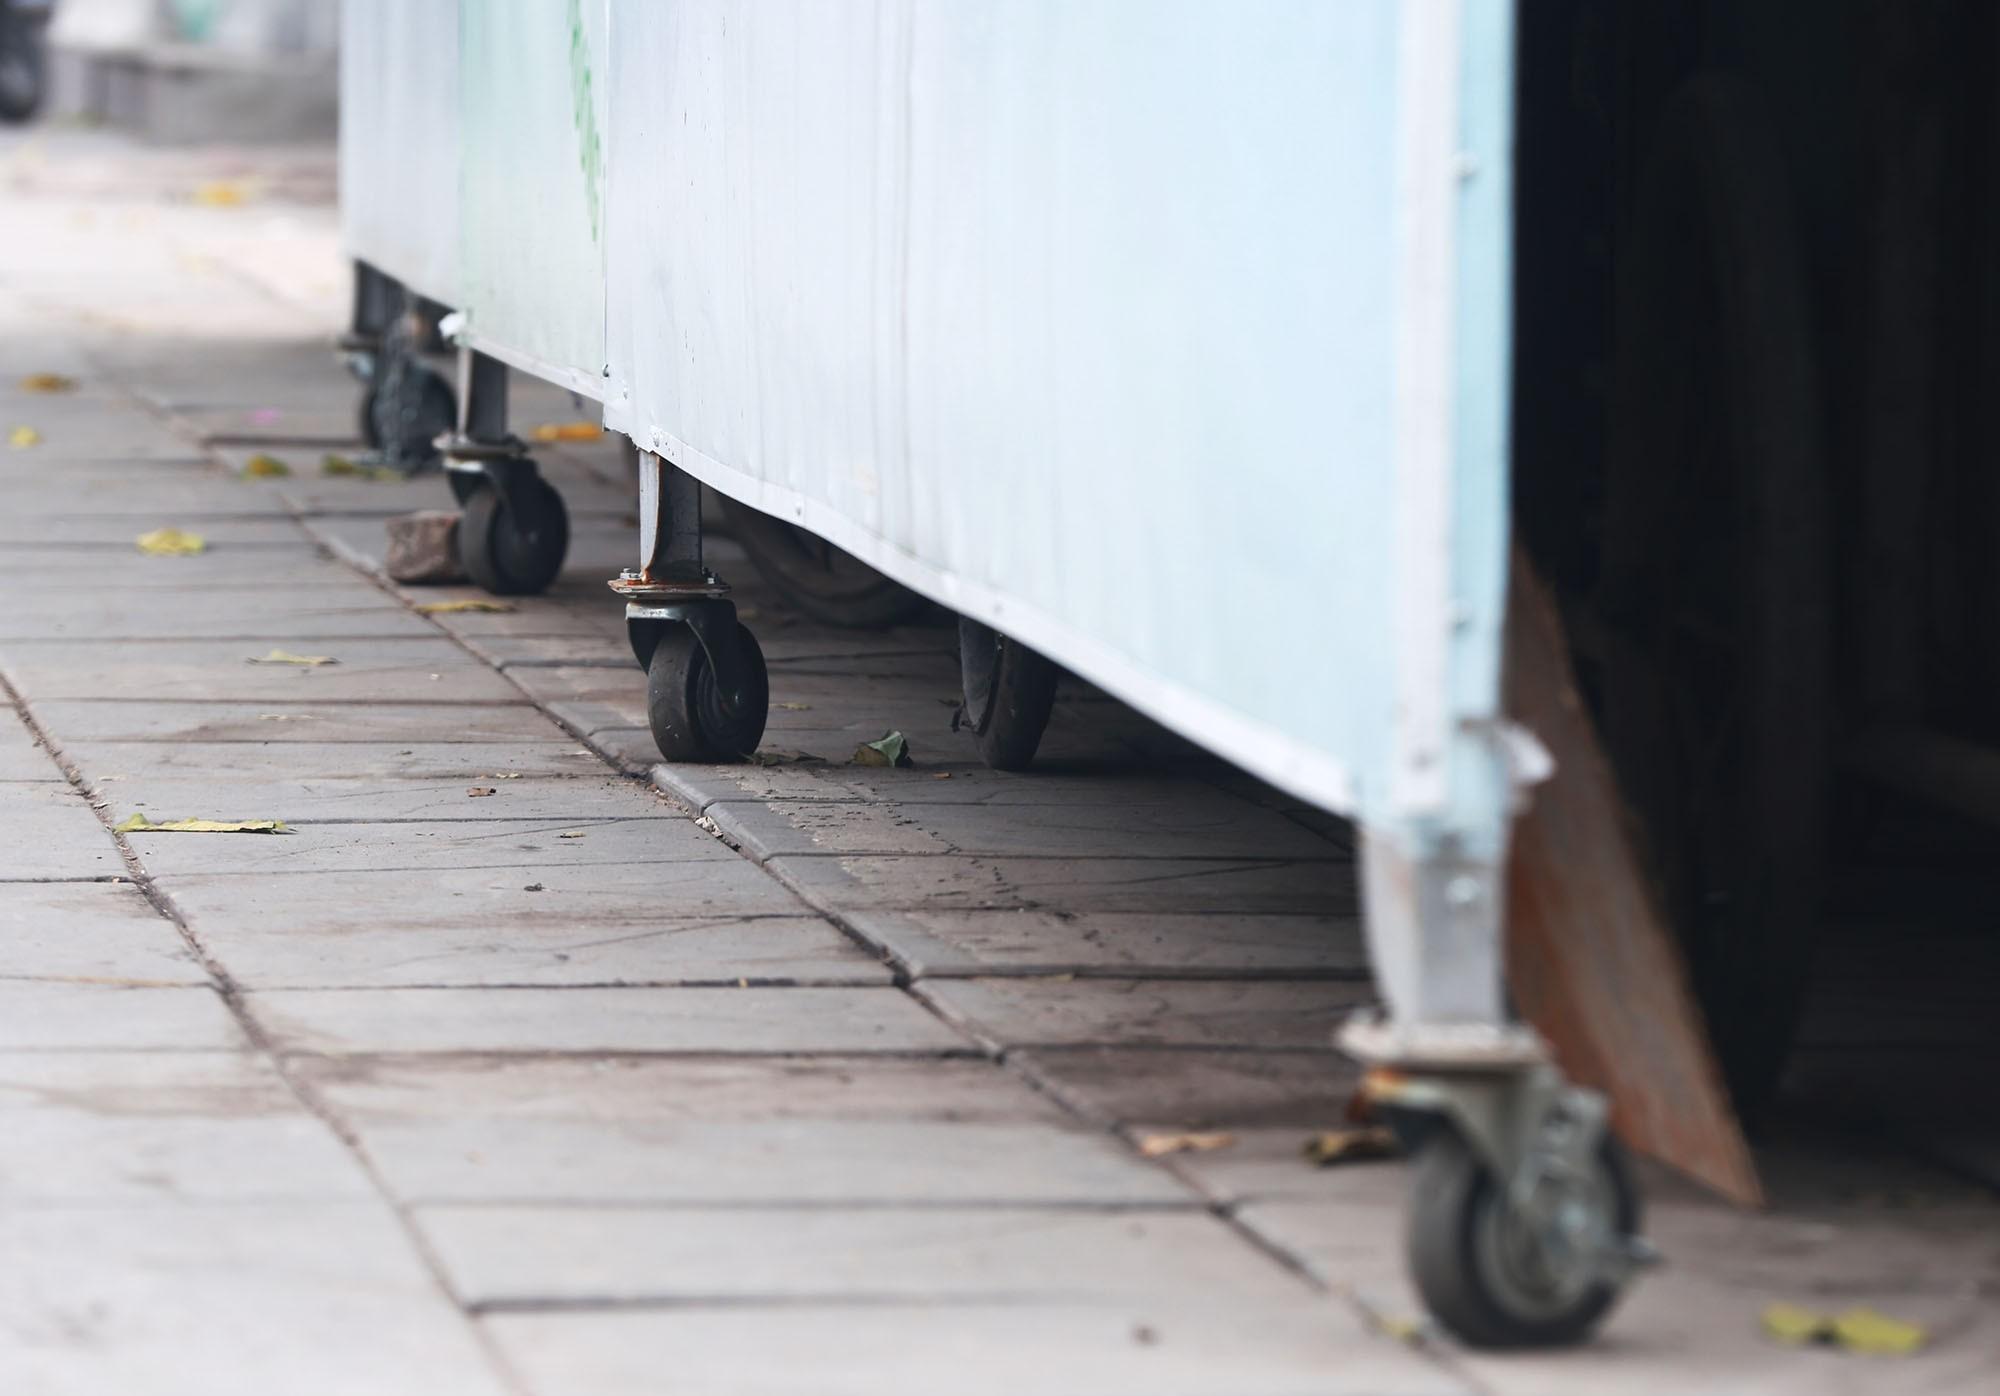 Hà Nội: Nhiều tuyến đường trang bị nhà ở di động cho xe đẩy rác - Ảnh 5.